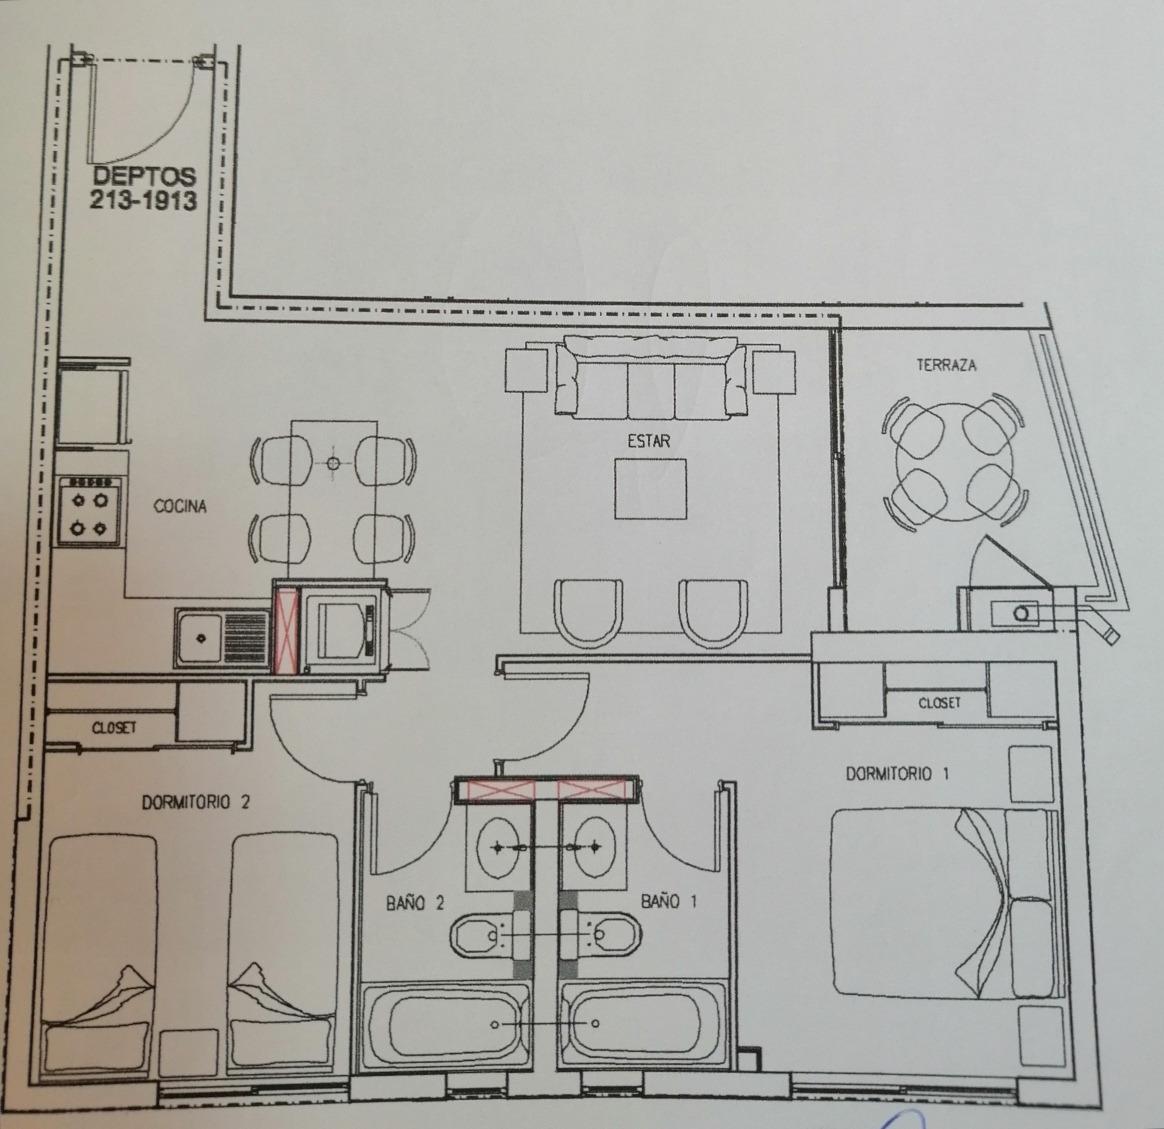 depto piso 11, 2 hab 2 baños y estacionamiento